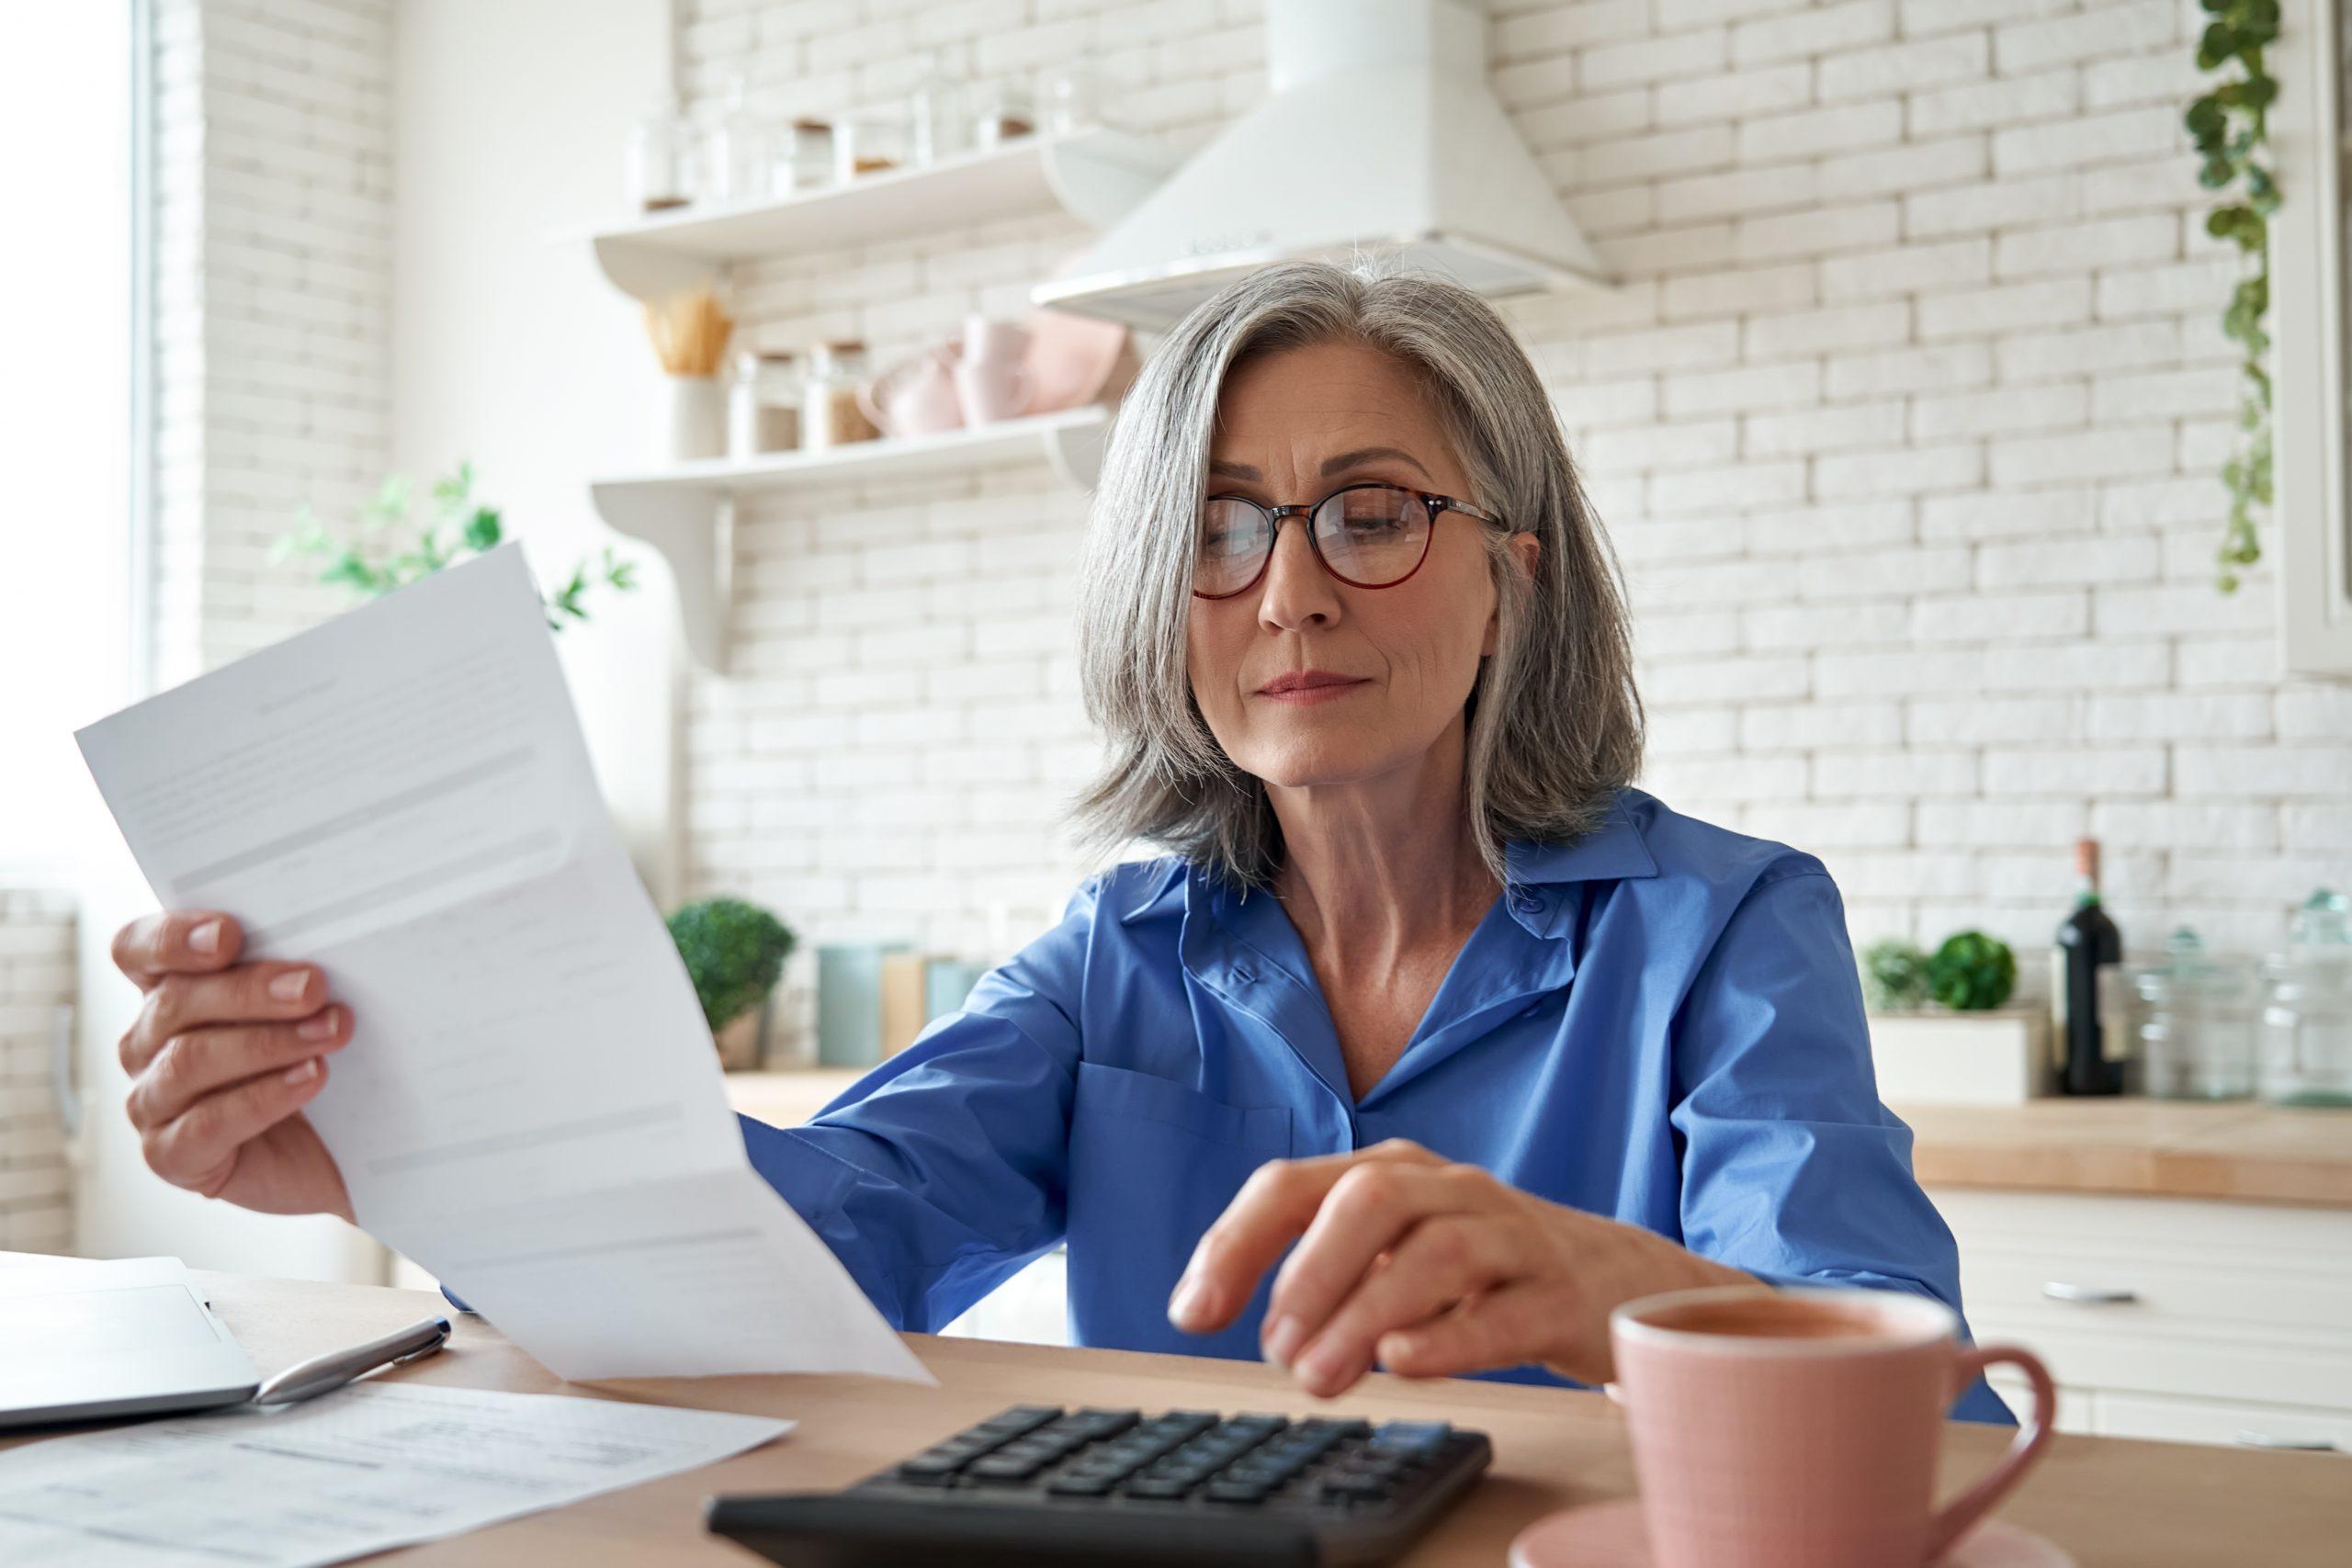 woman looking at Medicare bill